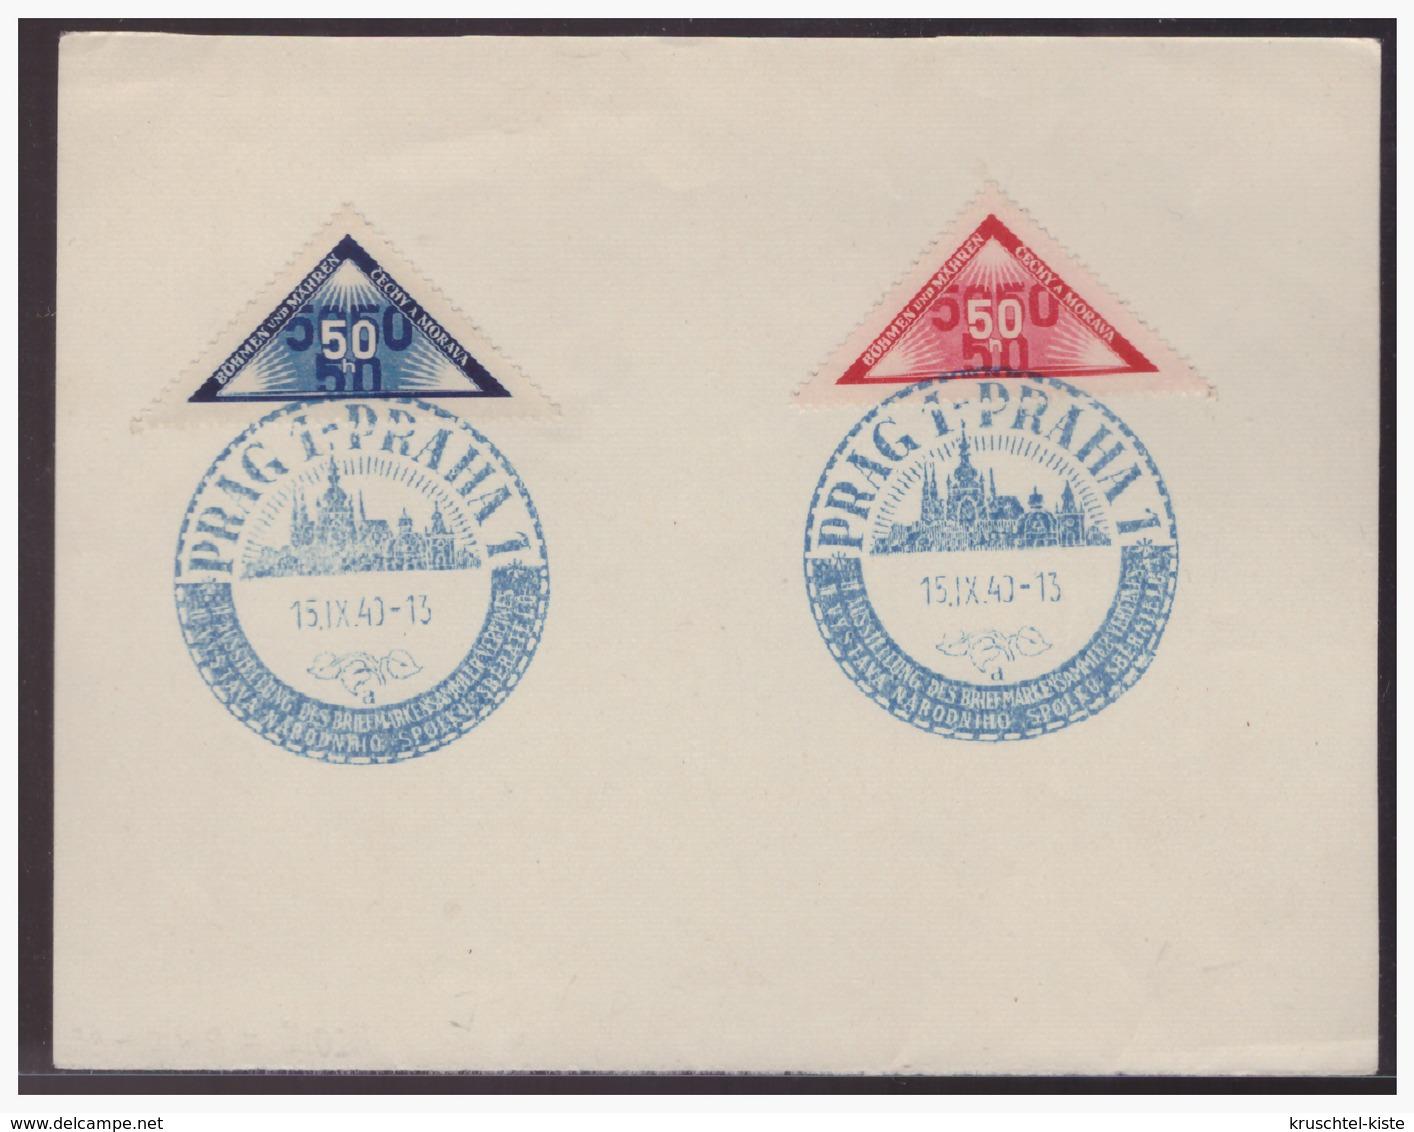 Böhmen & Mähren (004097) Briefstück Mit Sonderstempel 33 Prag Vom 15.9.1940 - Böhmen Und Mähren